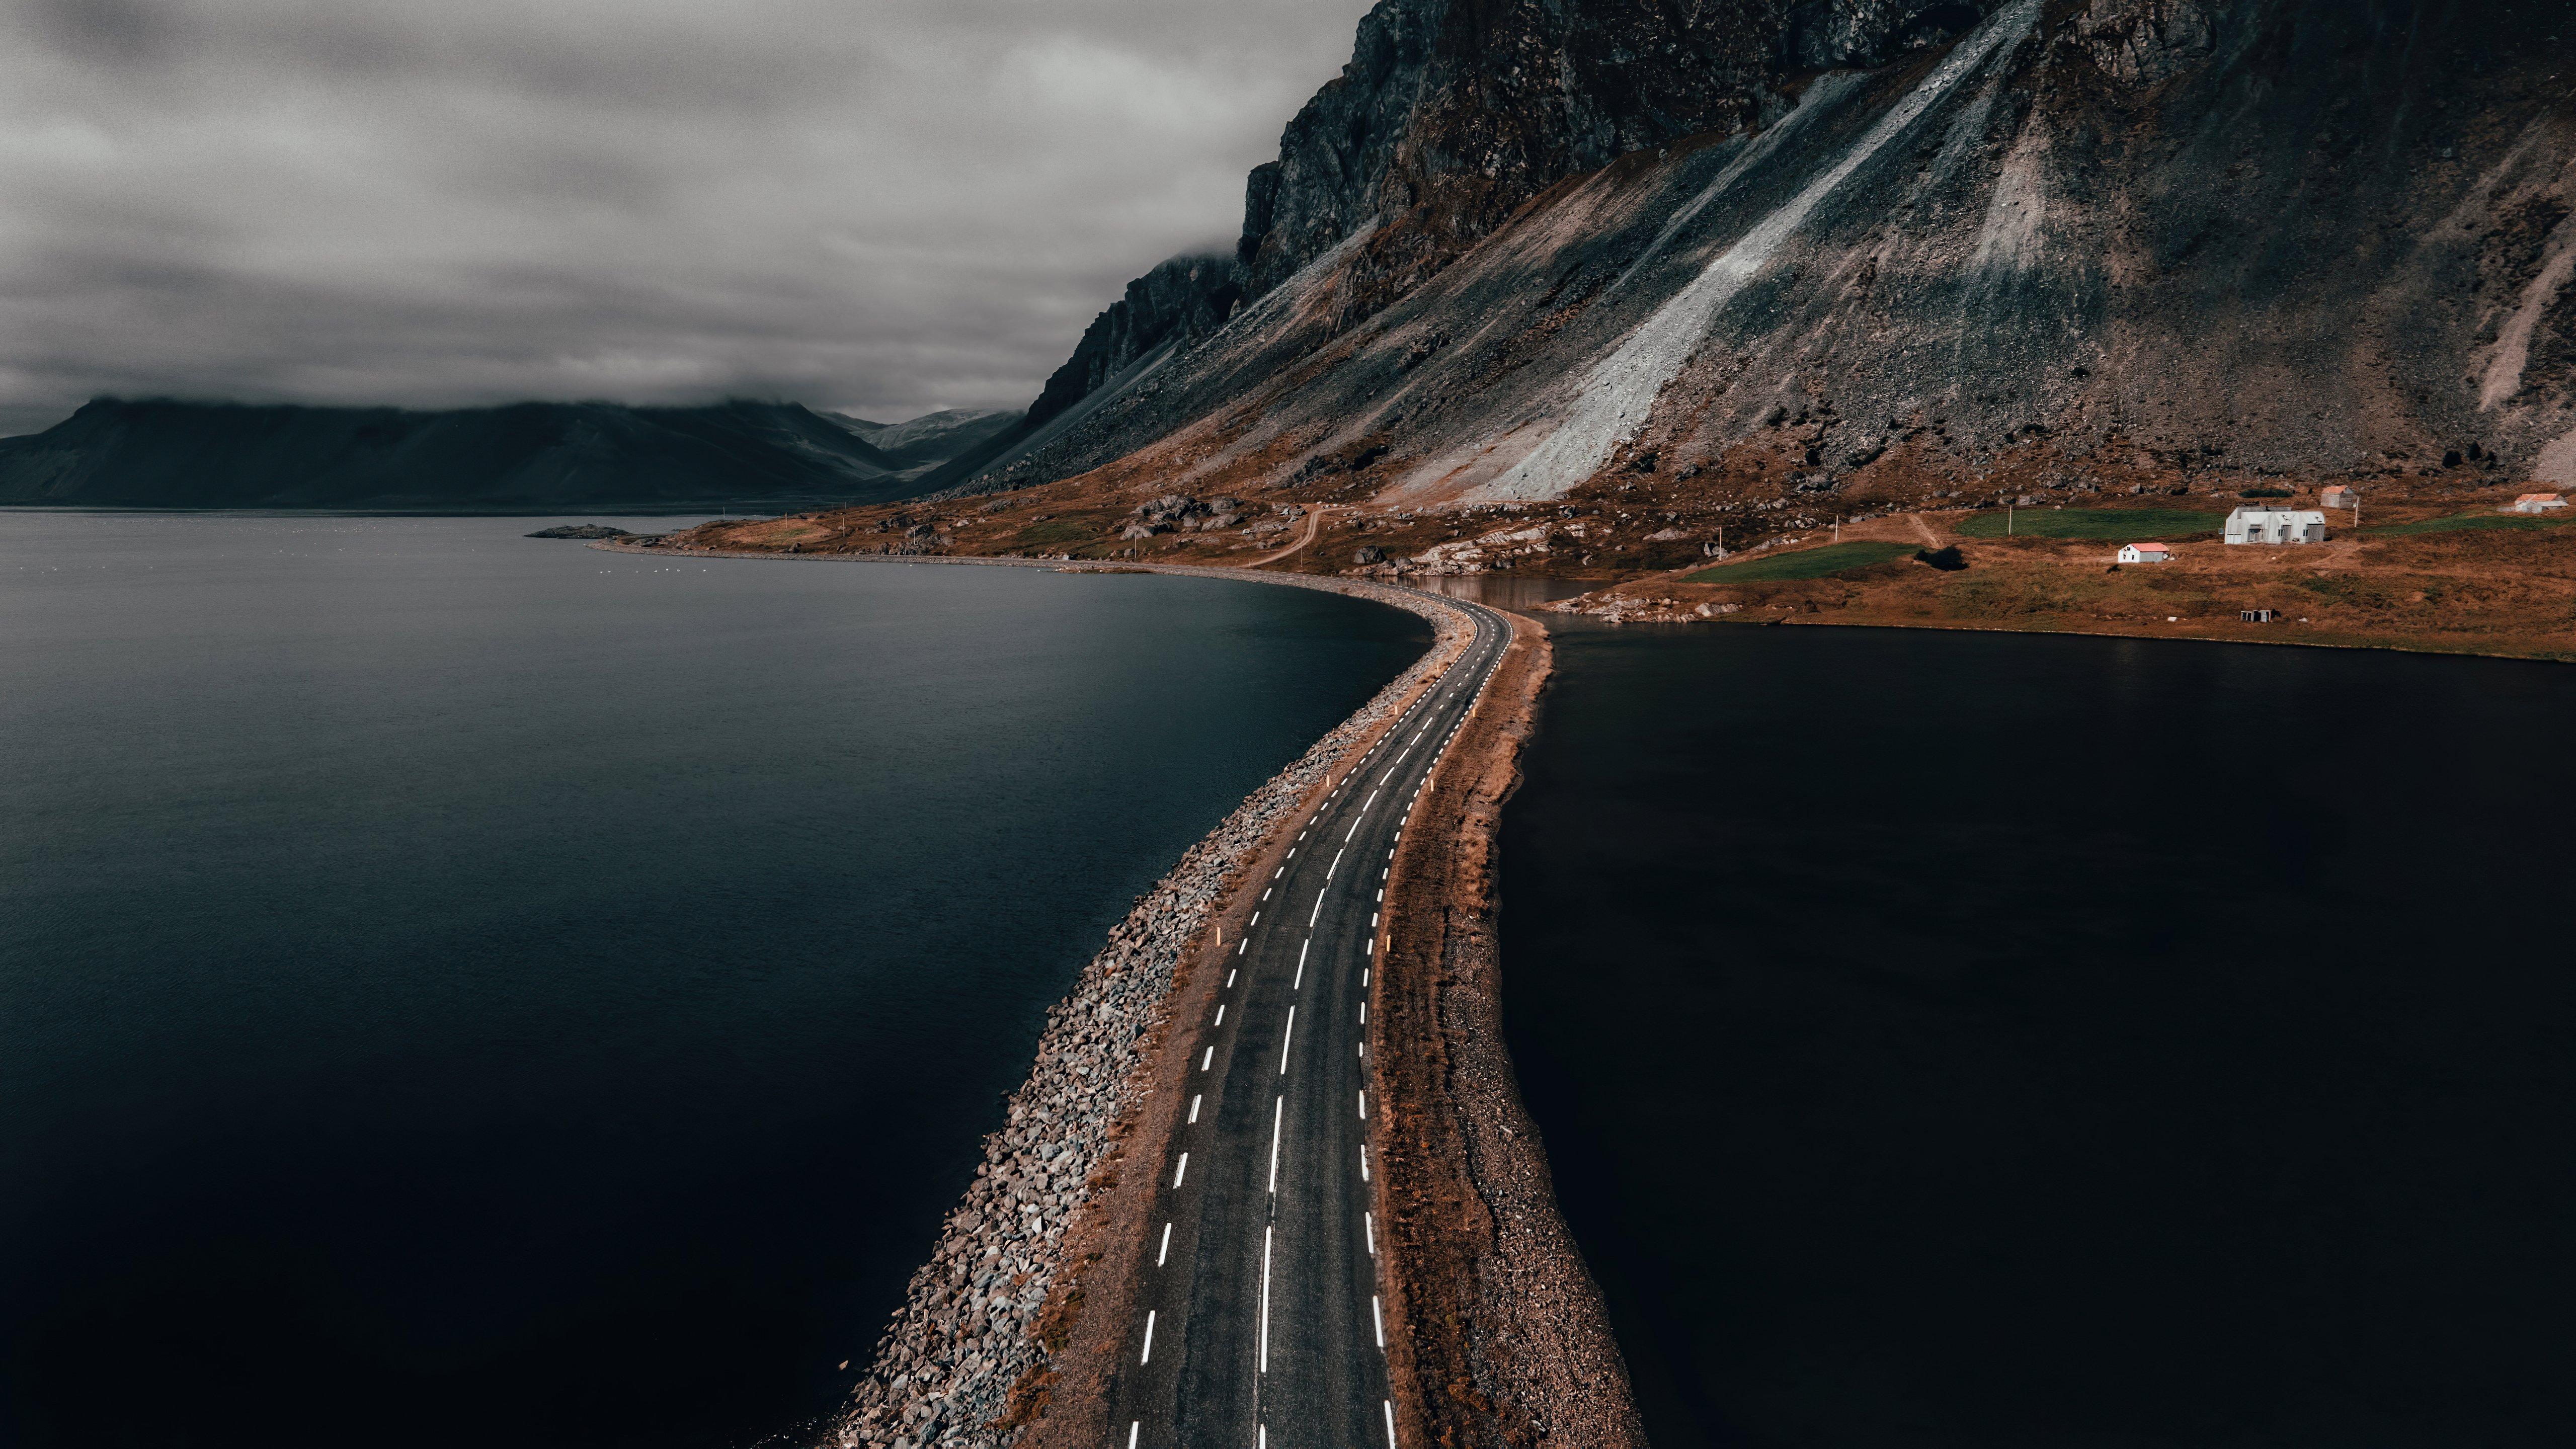 Fondos de pantalla Carretera en medio del mar